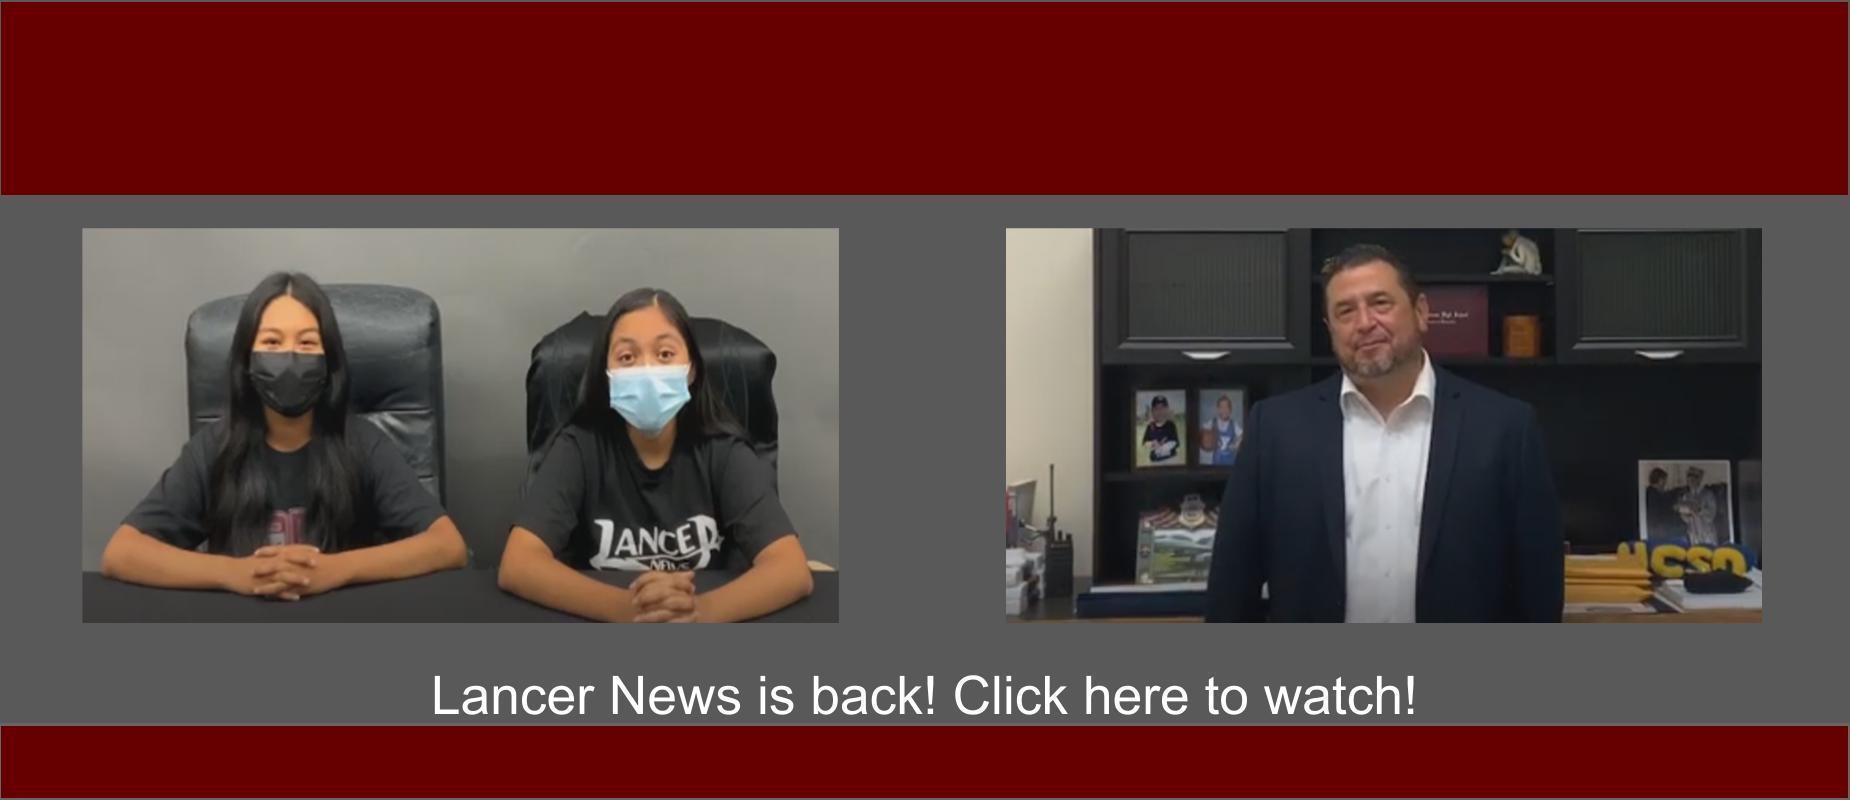 Lancer News Video Link